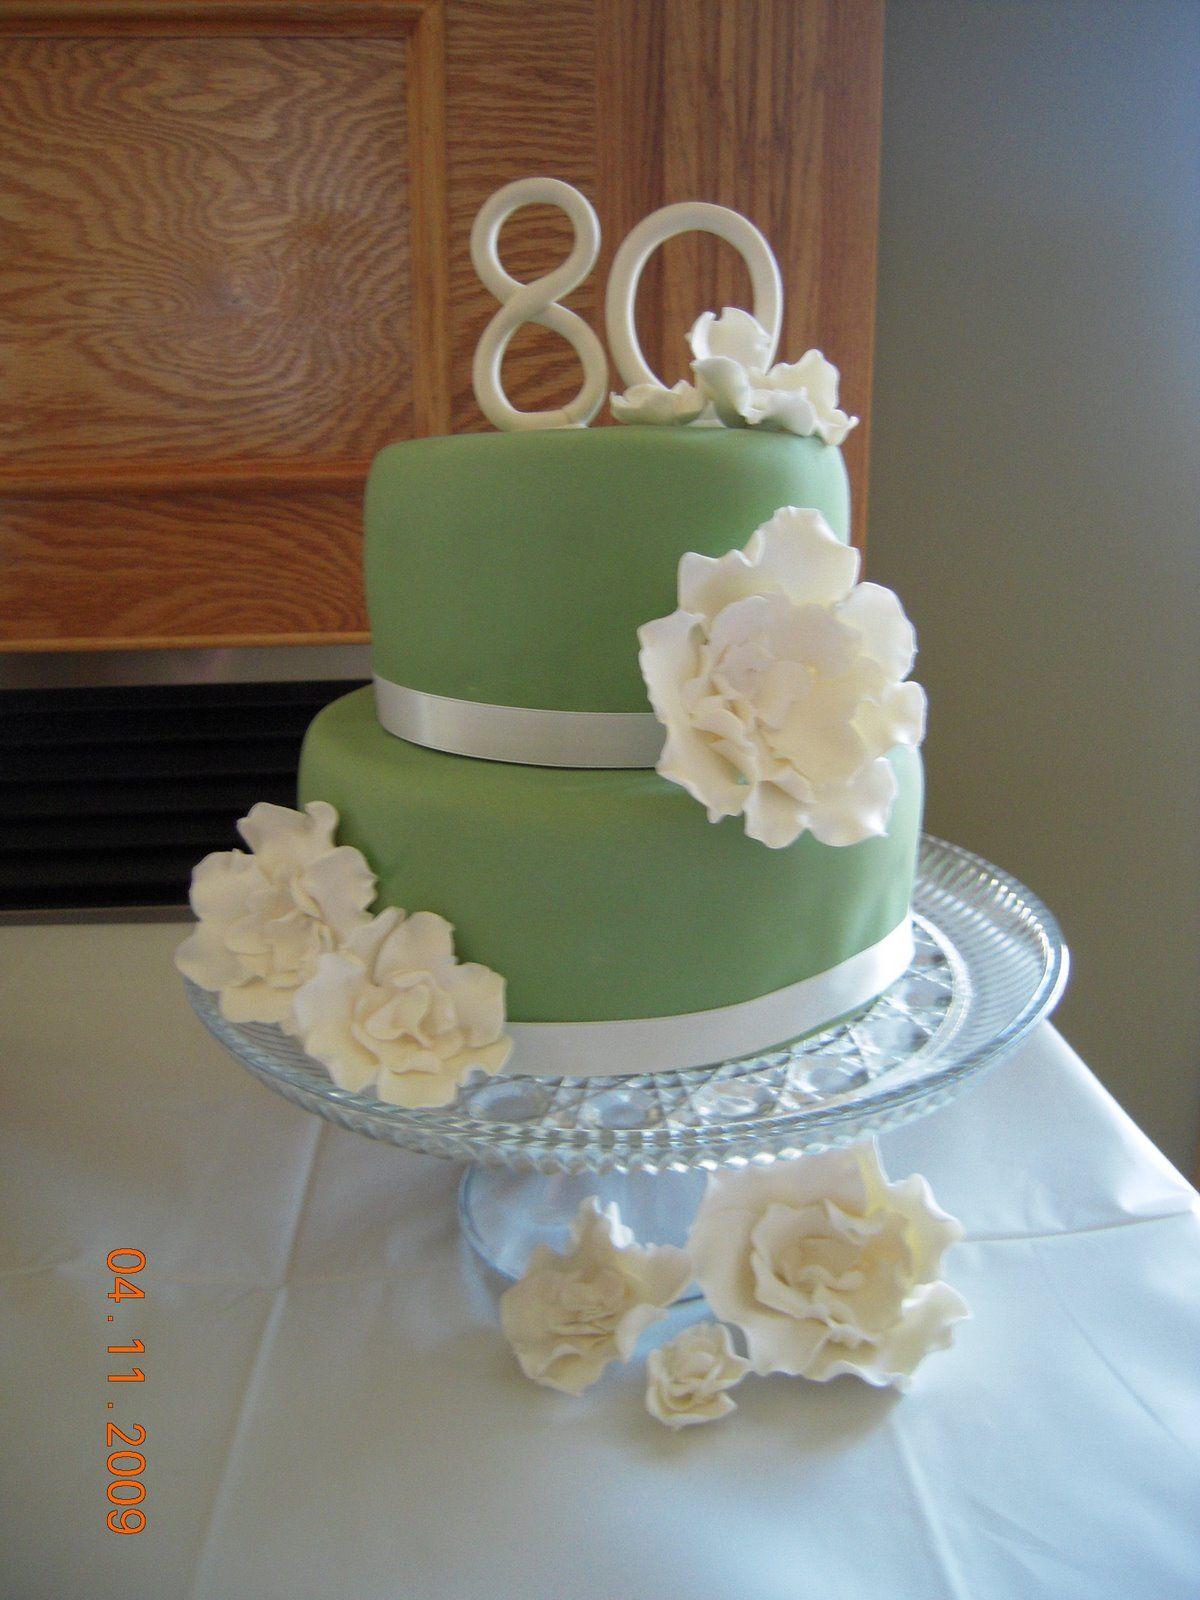 Incredible Ooh La La Cakes By Melissa 80Th Birthday Cake 80 Birthday Cake Personalised Birthday Cards Beptaeletsinfo